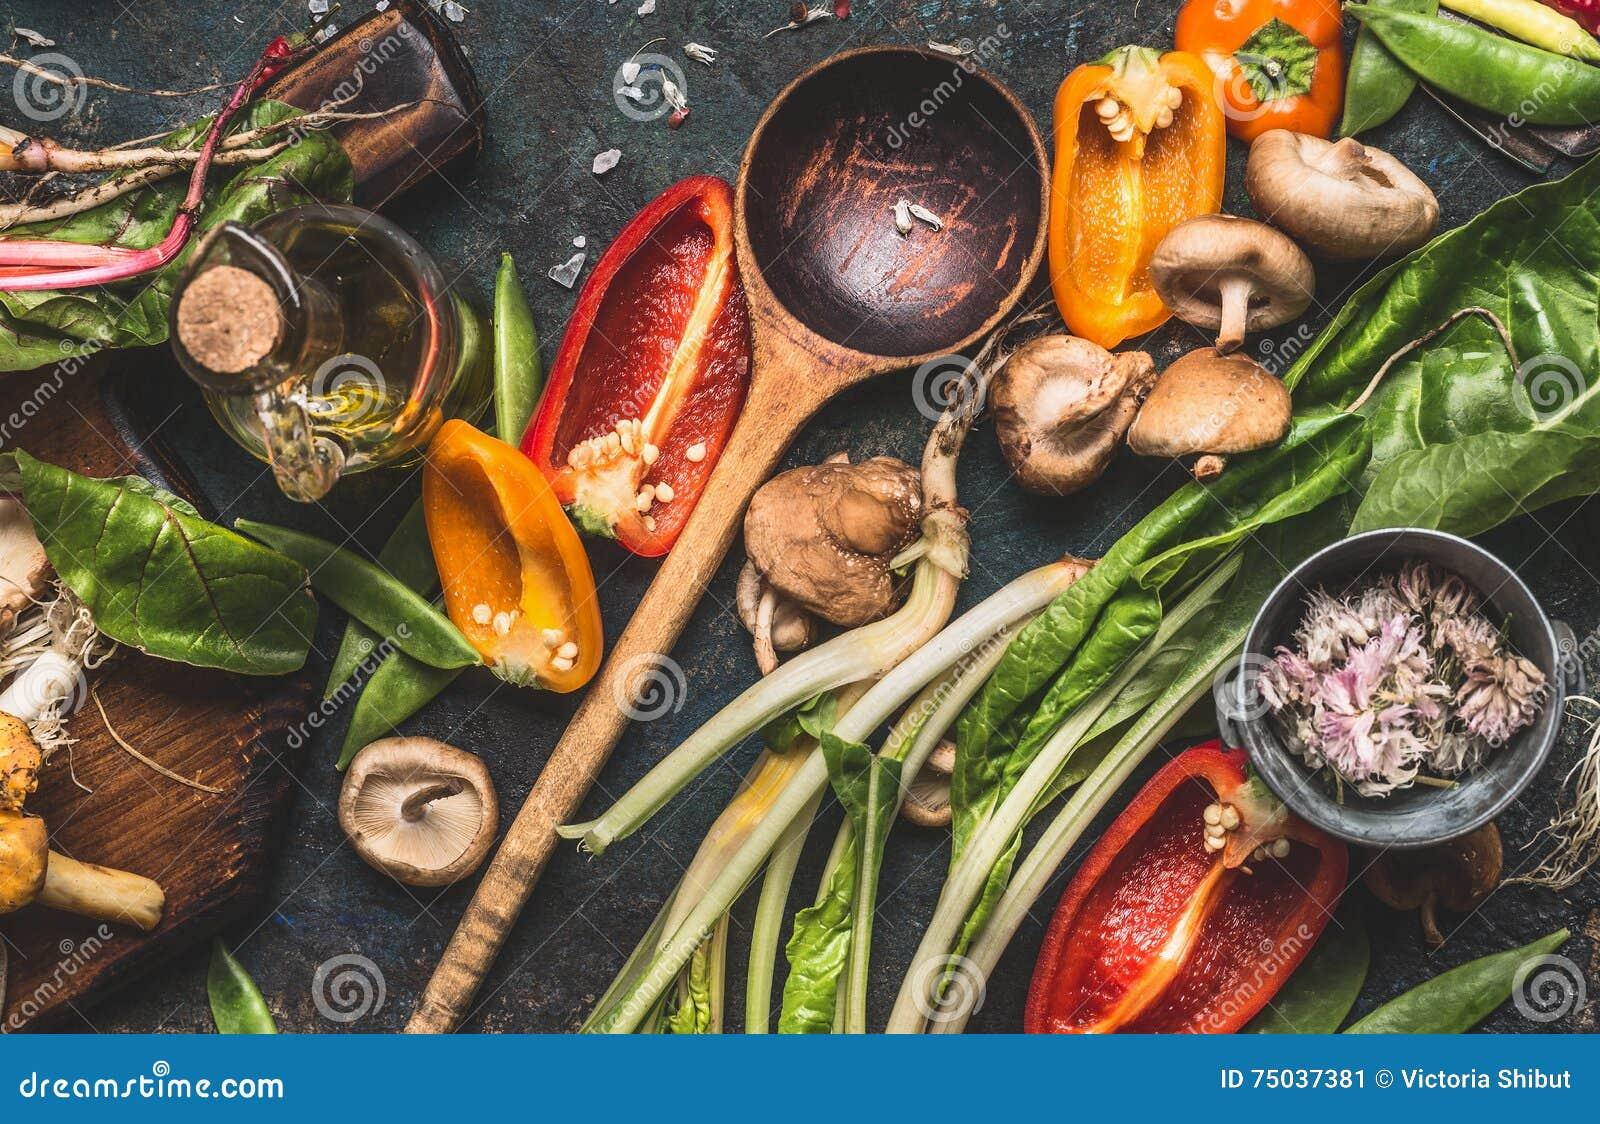 Diversas verduras frescas con la cuchara de cocinar de madera para la consumición y la nutrición sanas en fondo rústico oscuro